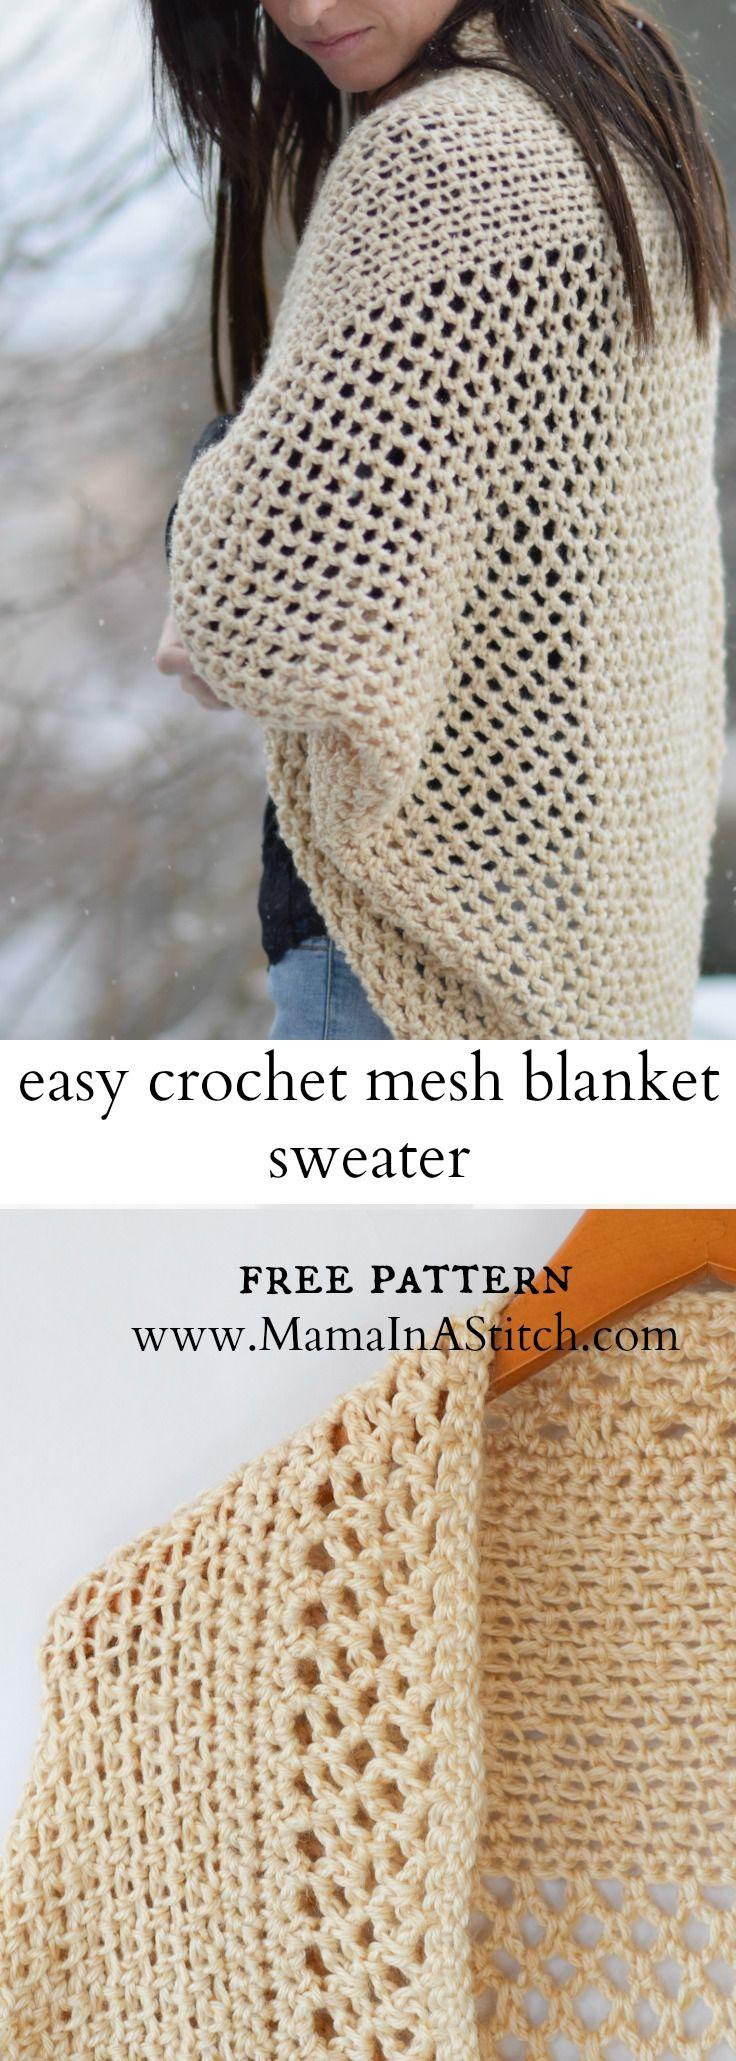 Best 25 crochet sweater patterns ideas on pinterest free crochet sweater free pattern easy tutorial bankloansurffo Choice Image